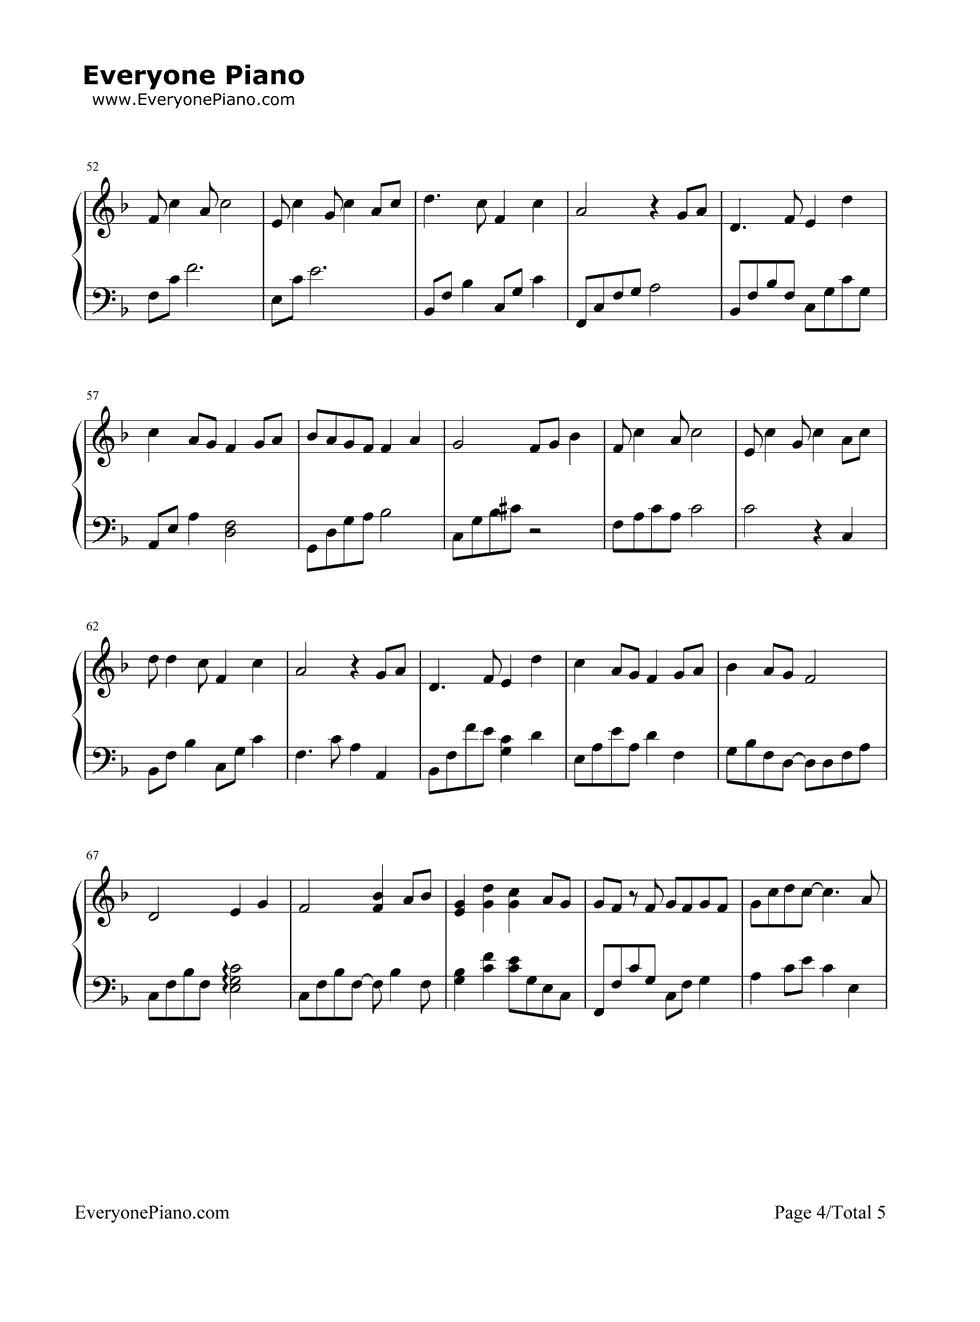 宗纬演唱)钢琴曲谱   《一次就好》(杨宗纬演唱)歌词   想看你笑   想